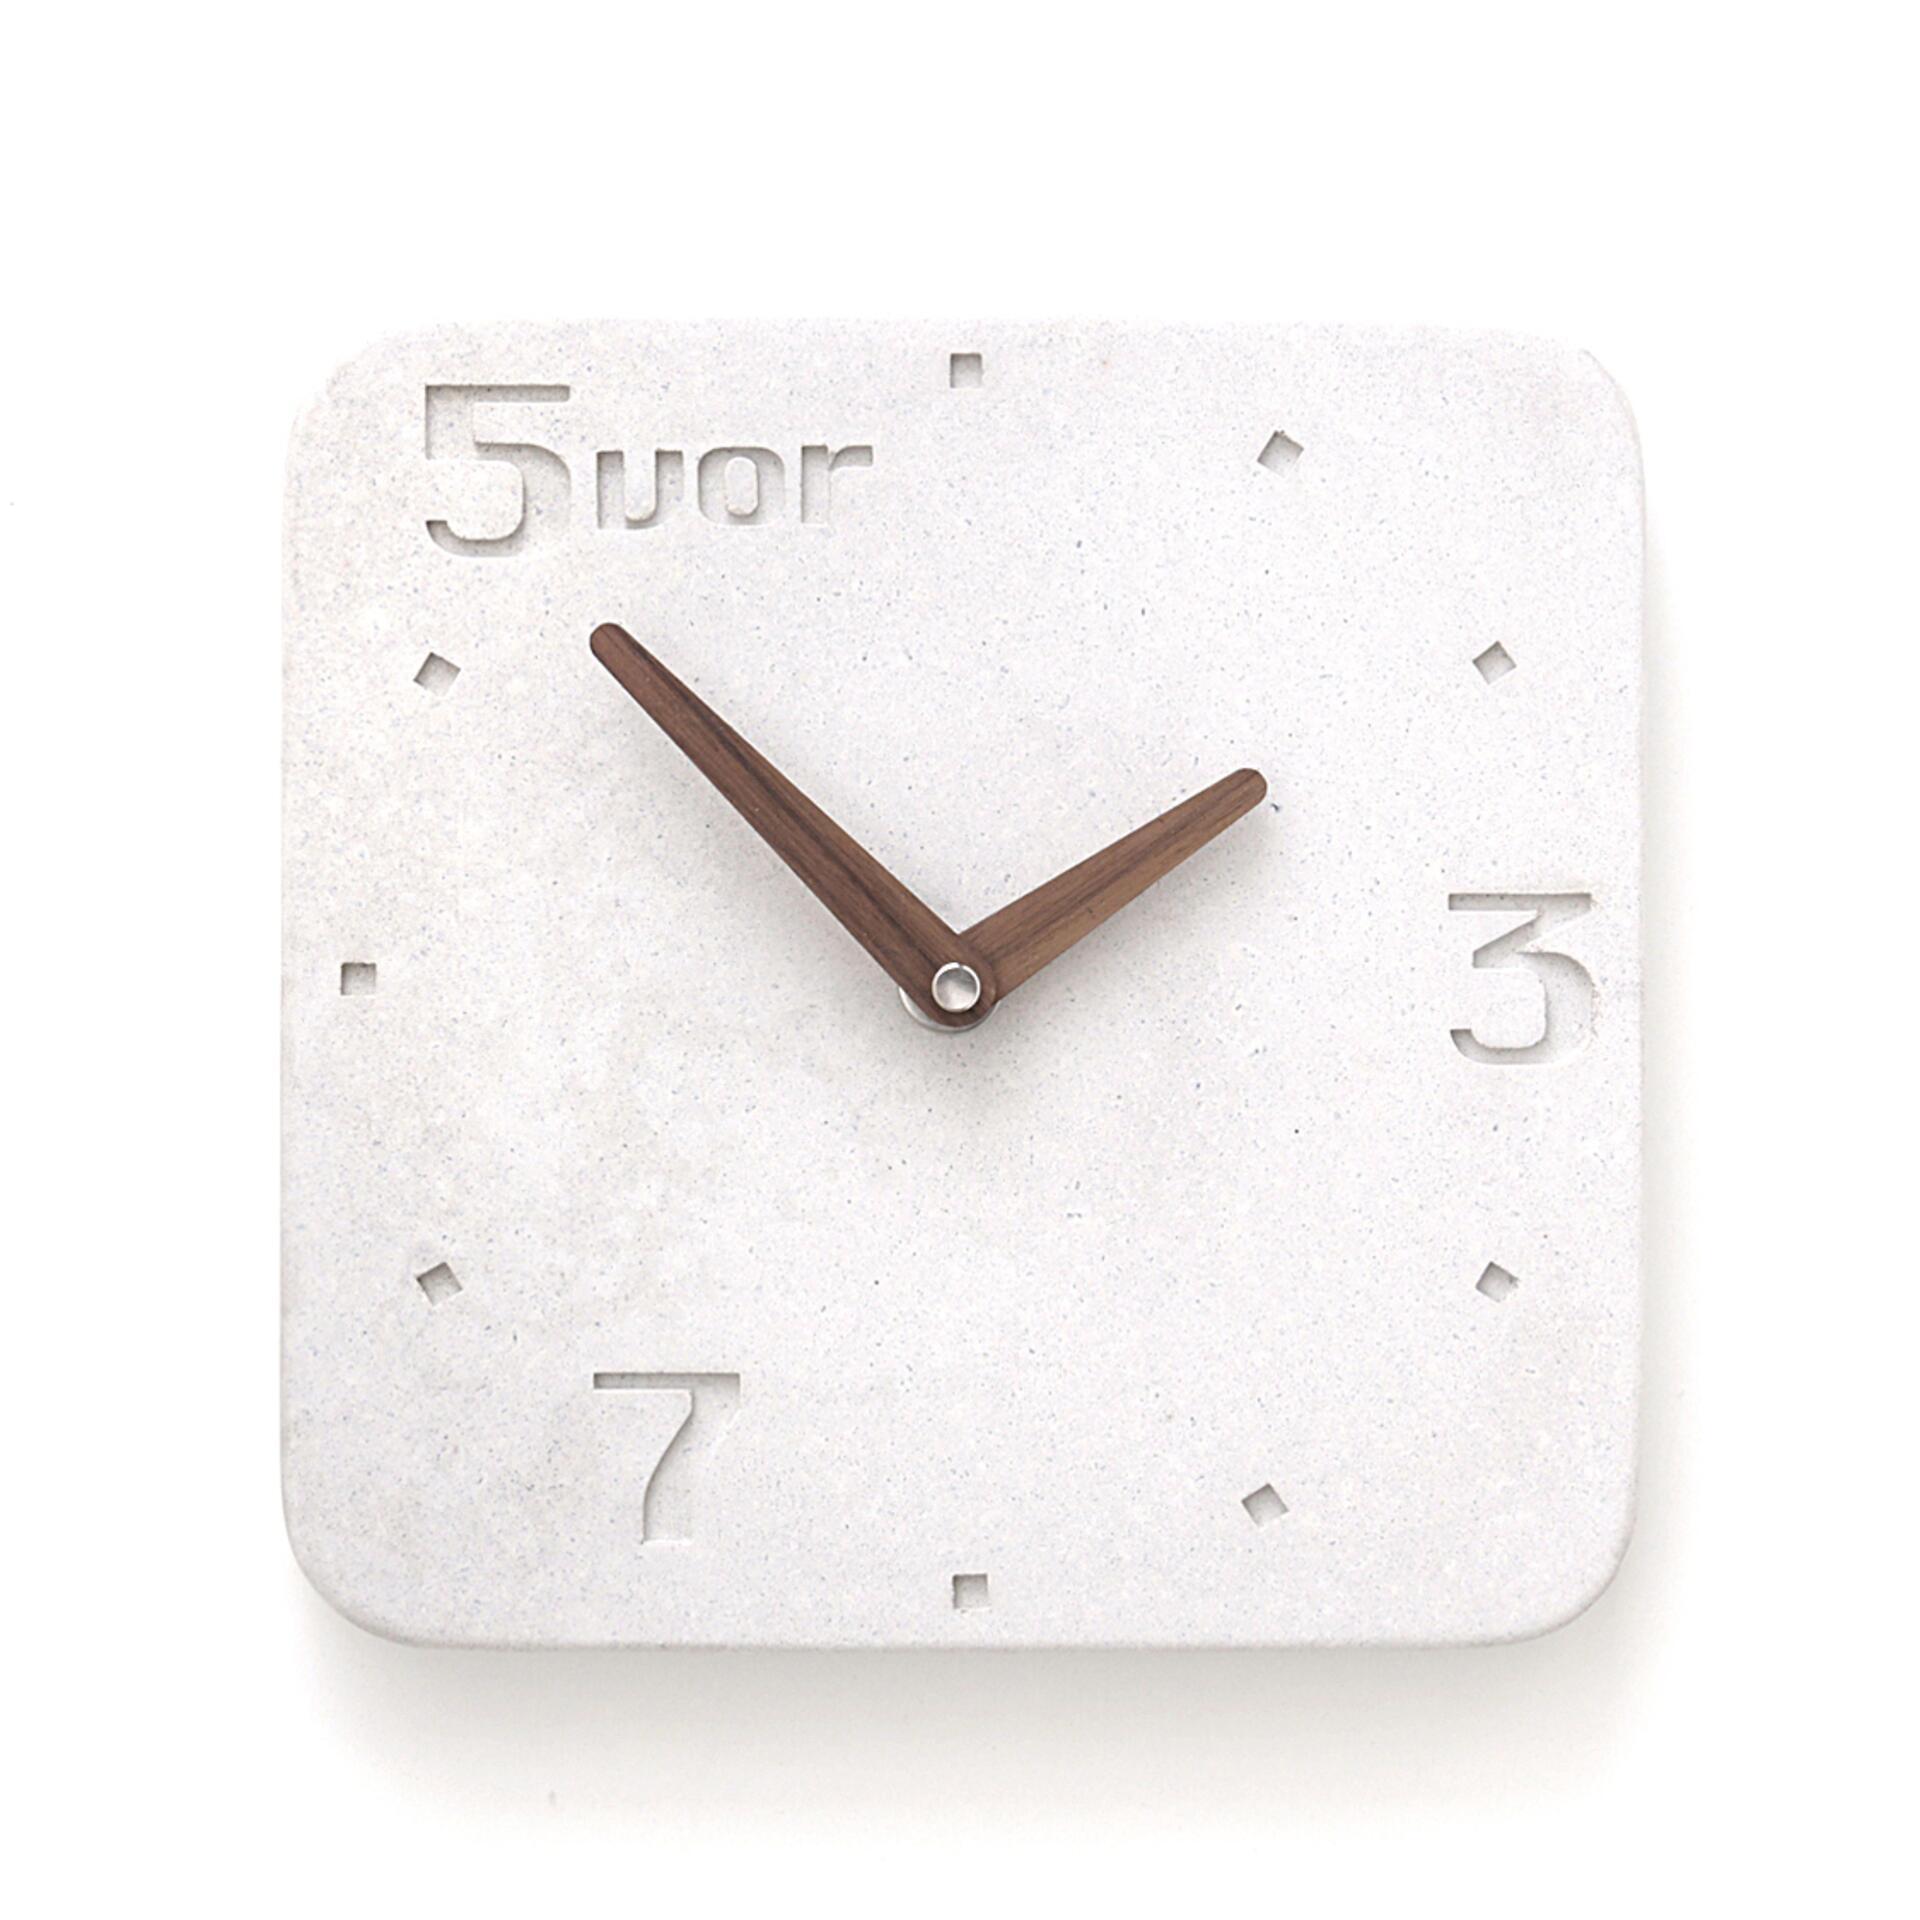 Wertwerke Wanduhr aus Beton 5VOR Weiß 20 x 20 cm Nussbaum Vollflächig